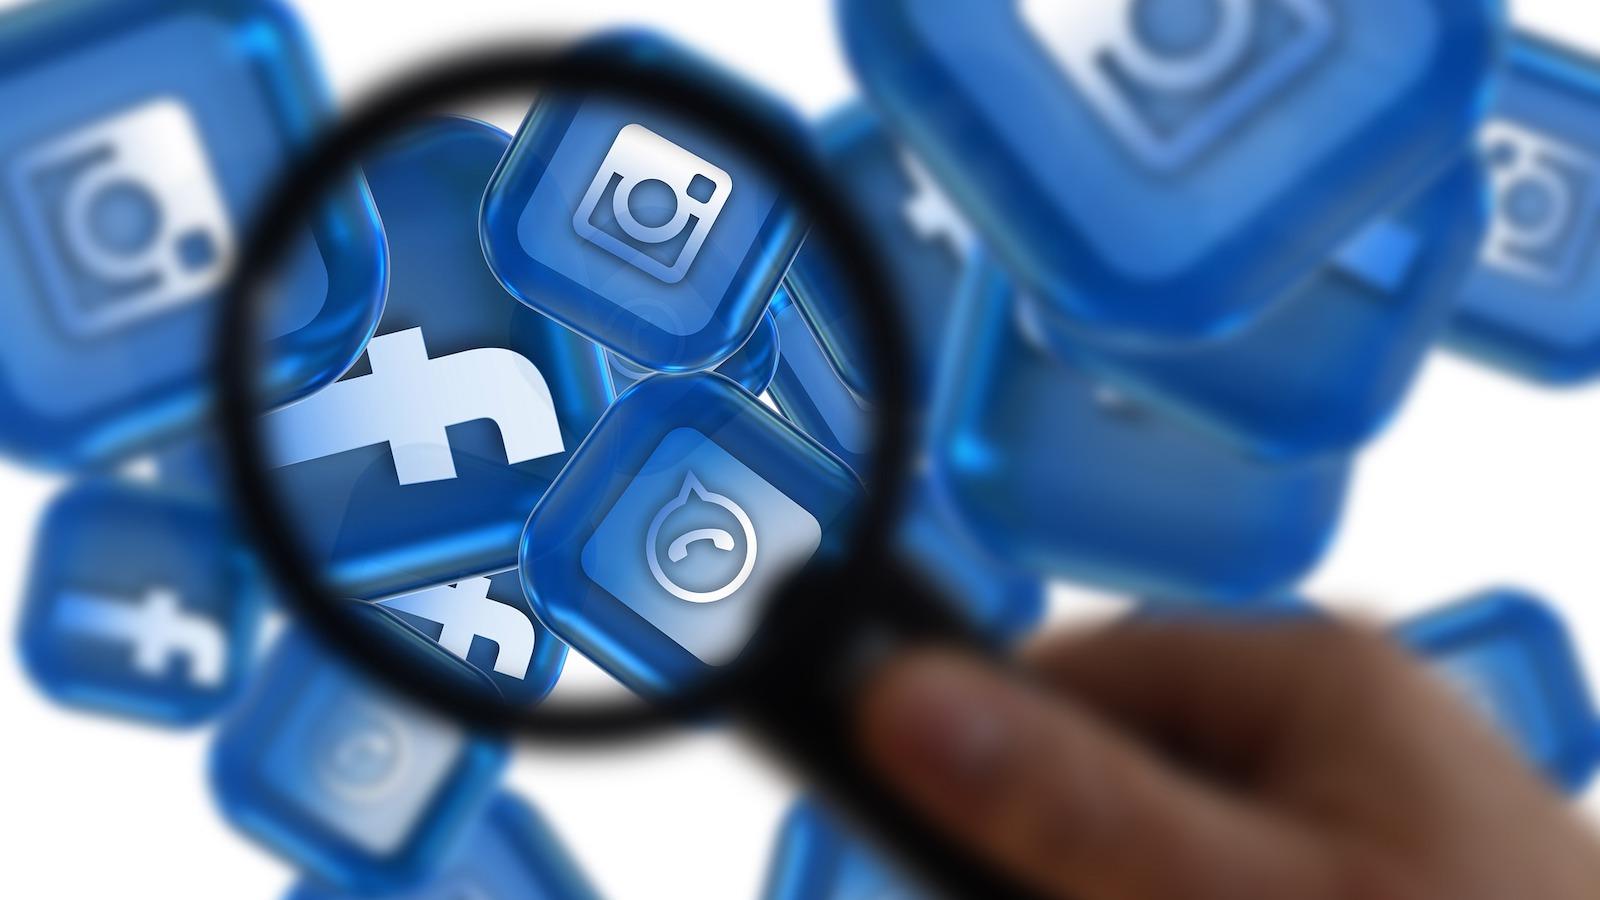 facebook under the spotlight in media risk - mediashotz